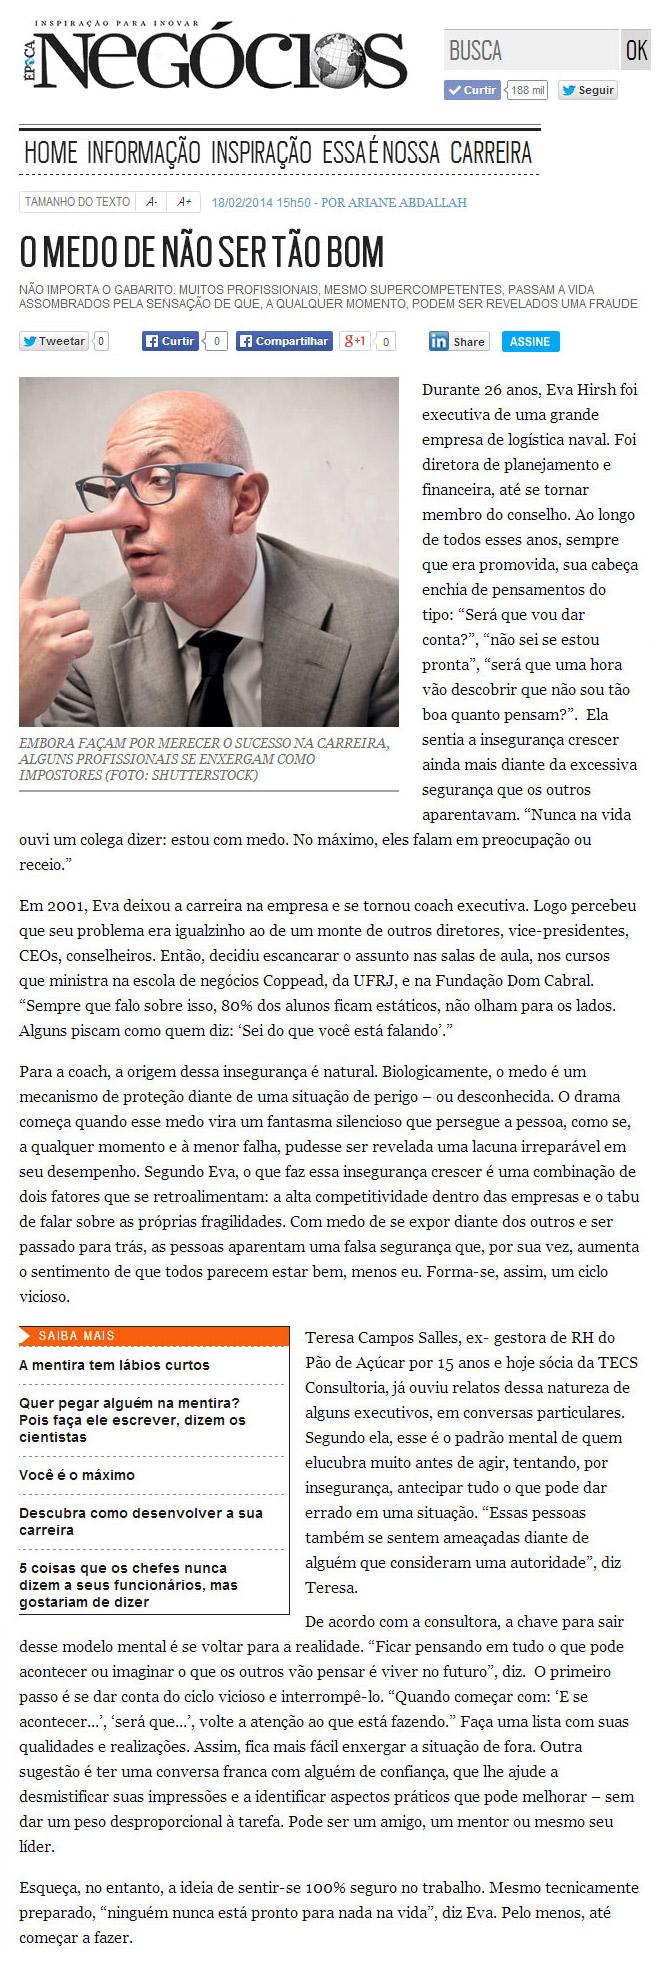 Portal-Época-Negócios_Carreira_18